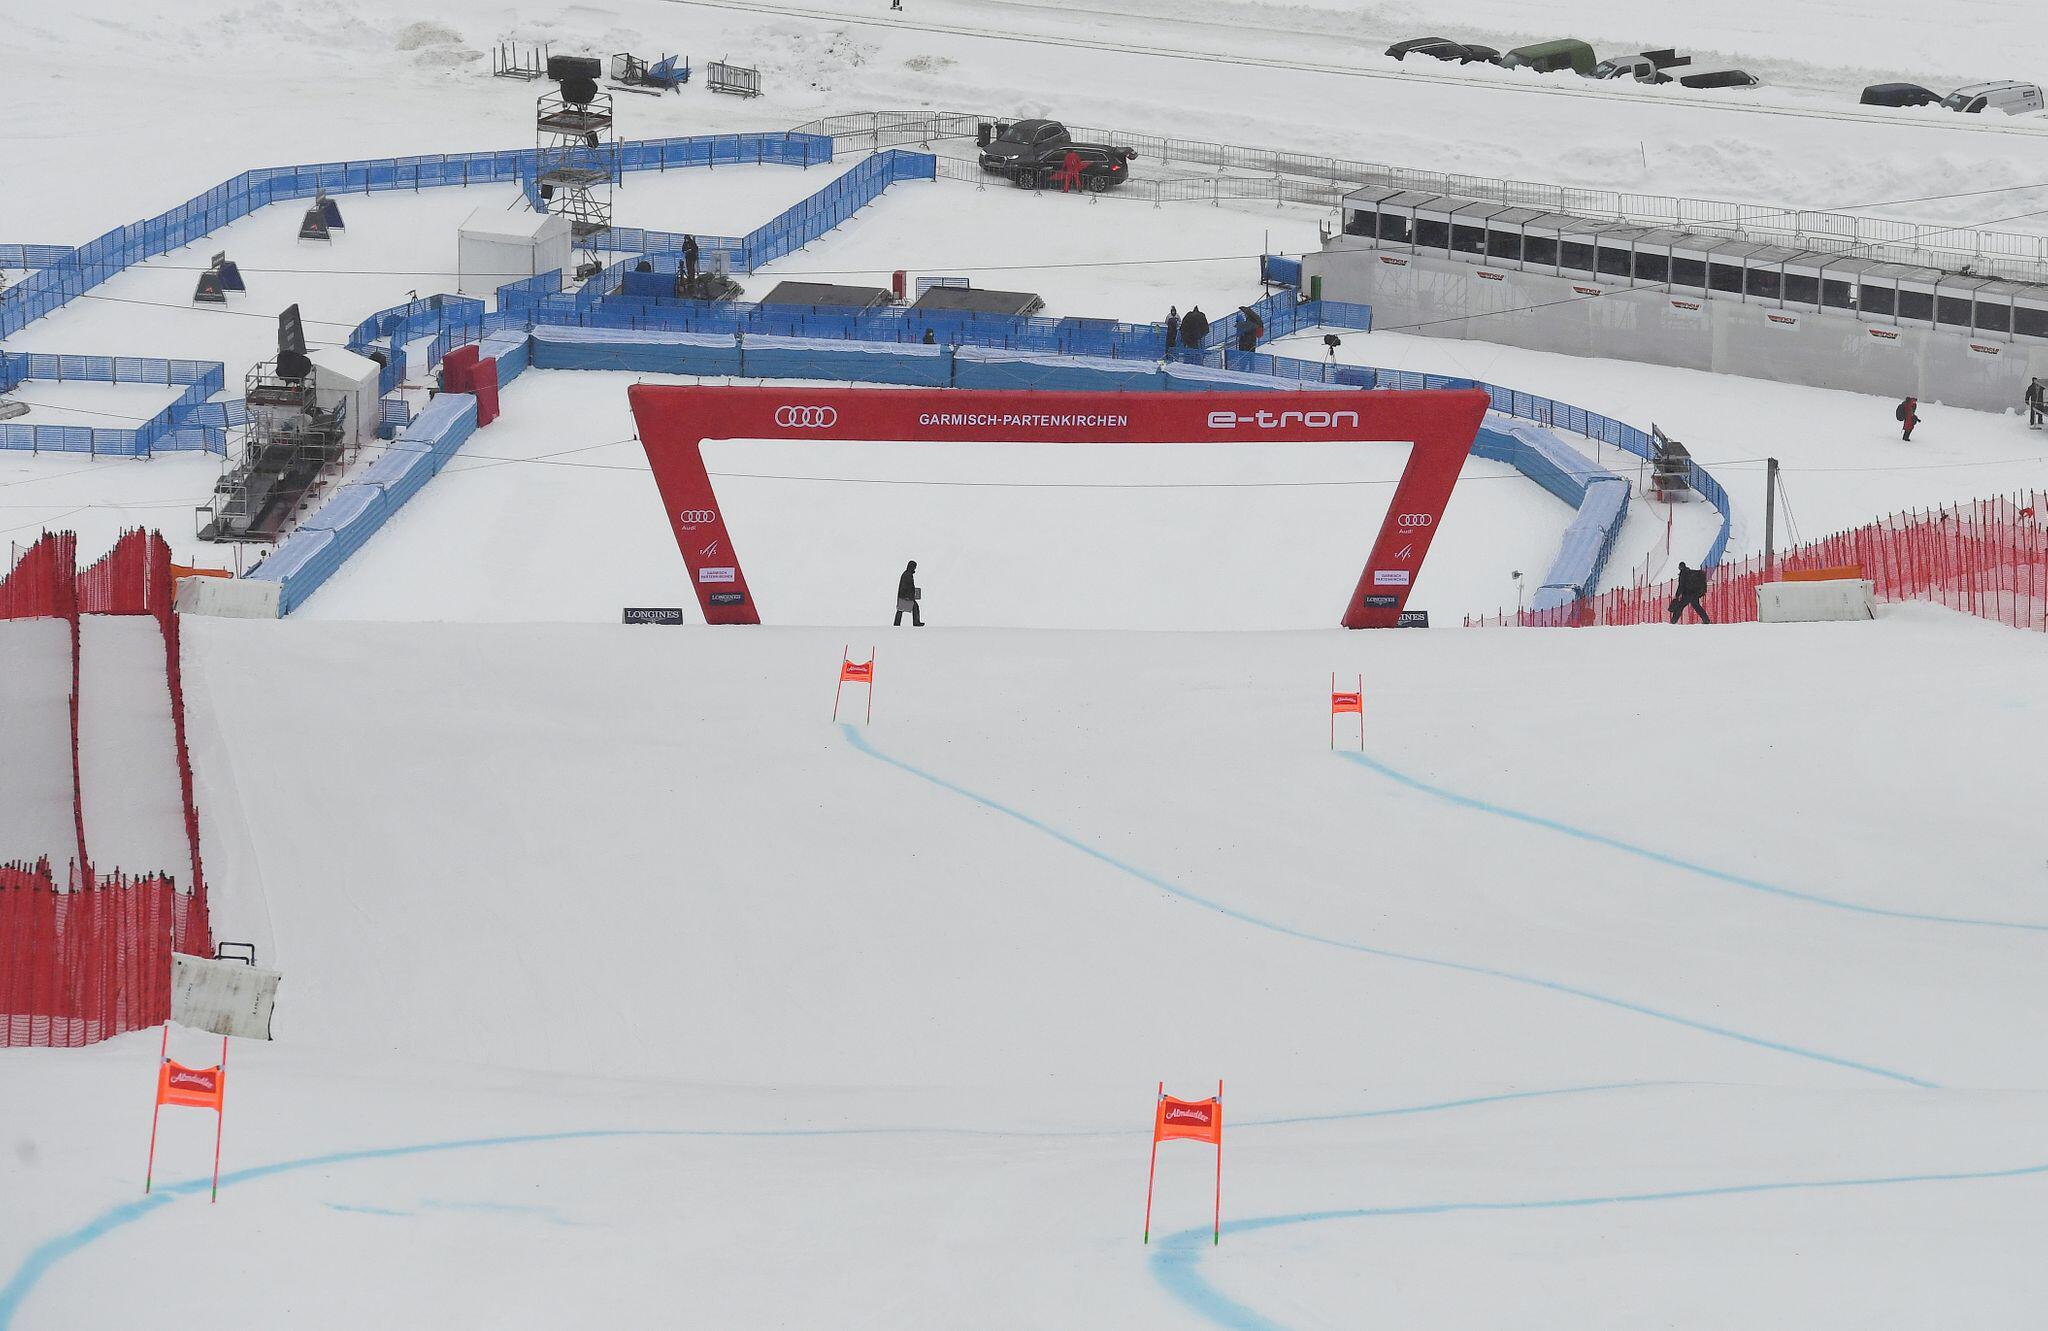 Bild zu Vor dem Ski-Weltcup in Garmisch-Partenkirchen